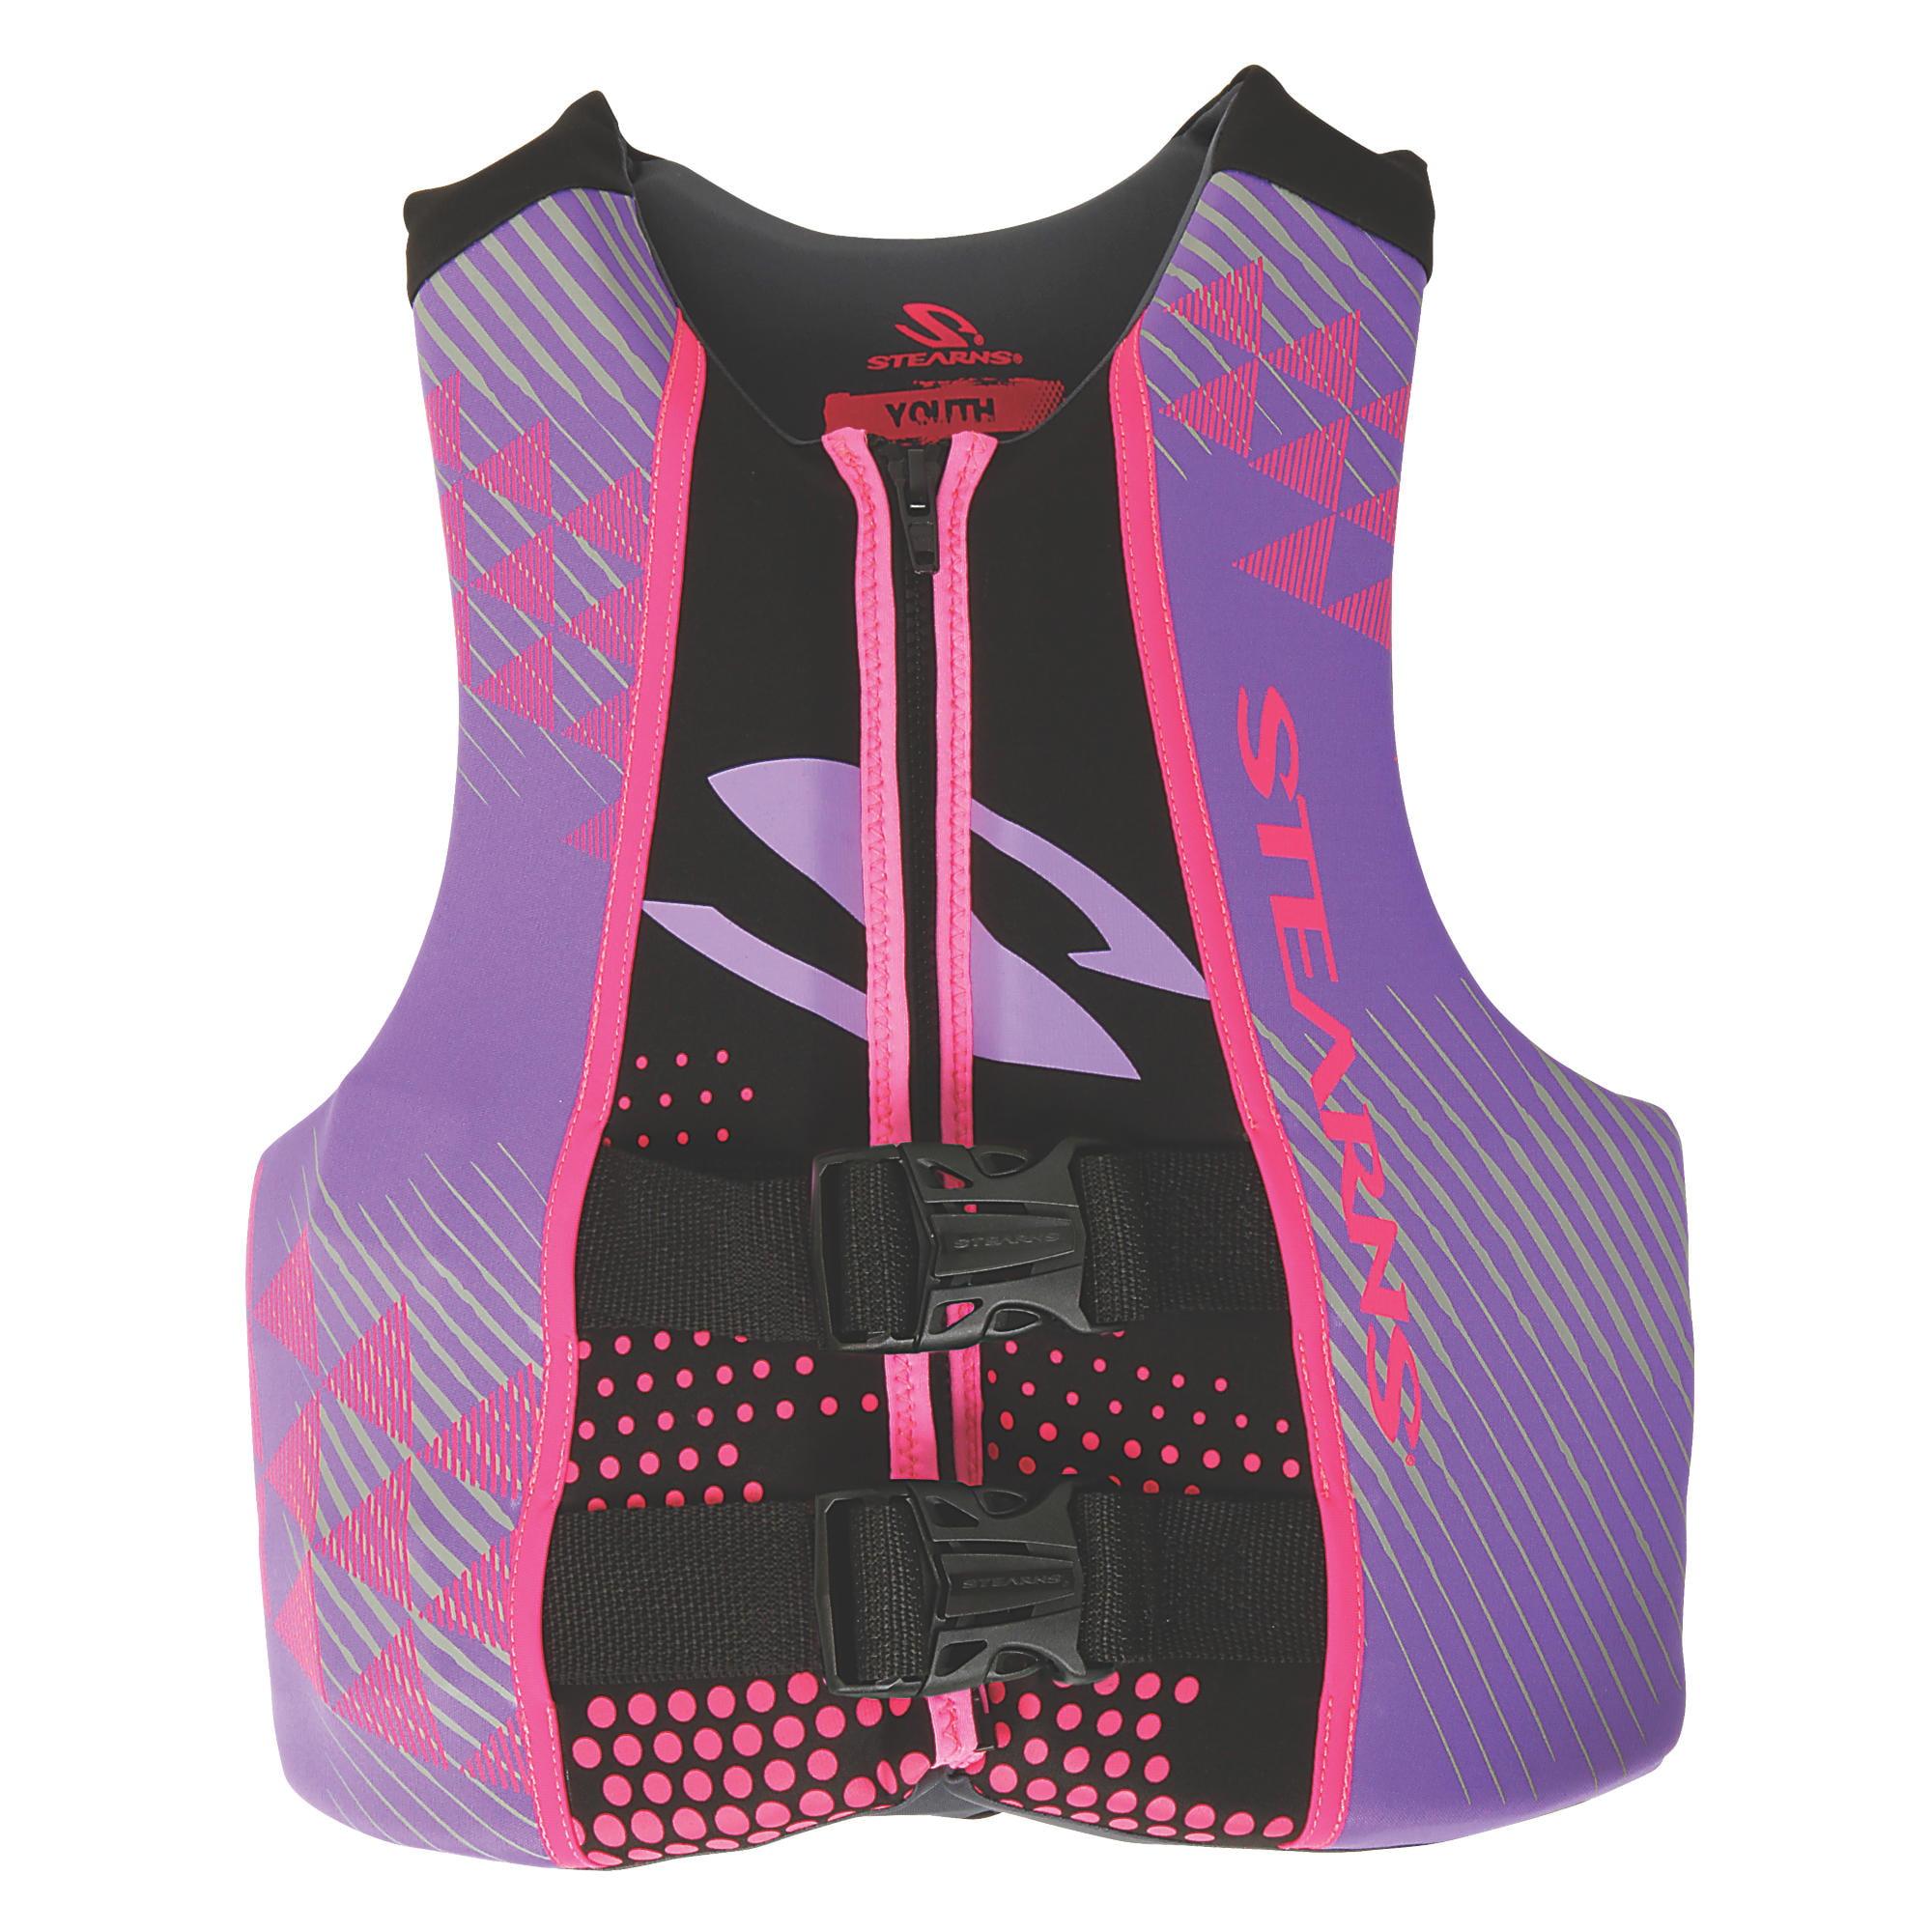 Stearns® Youth Hydroprene™ Vest- Purple